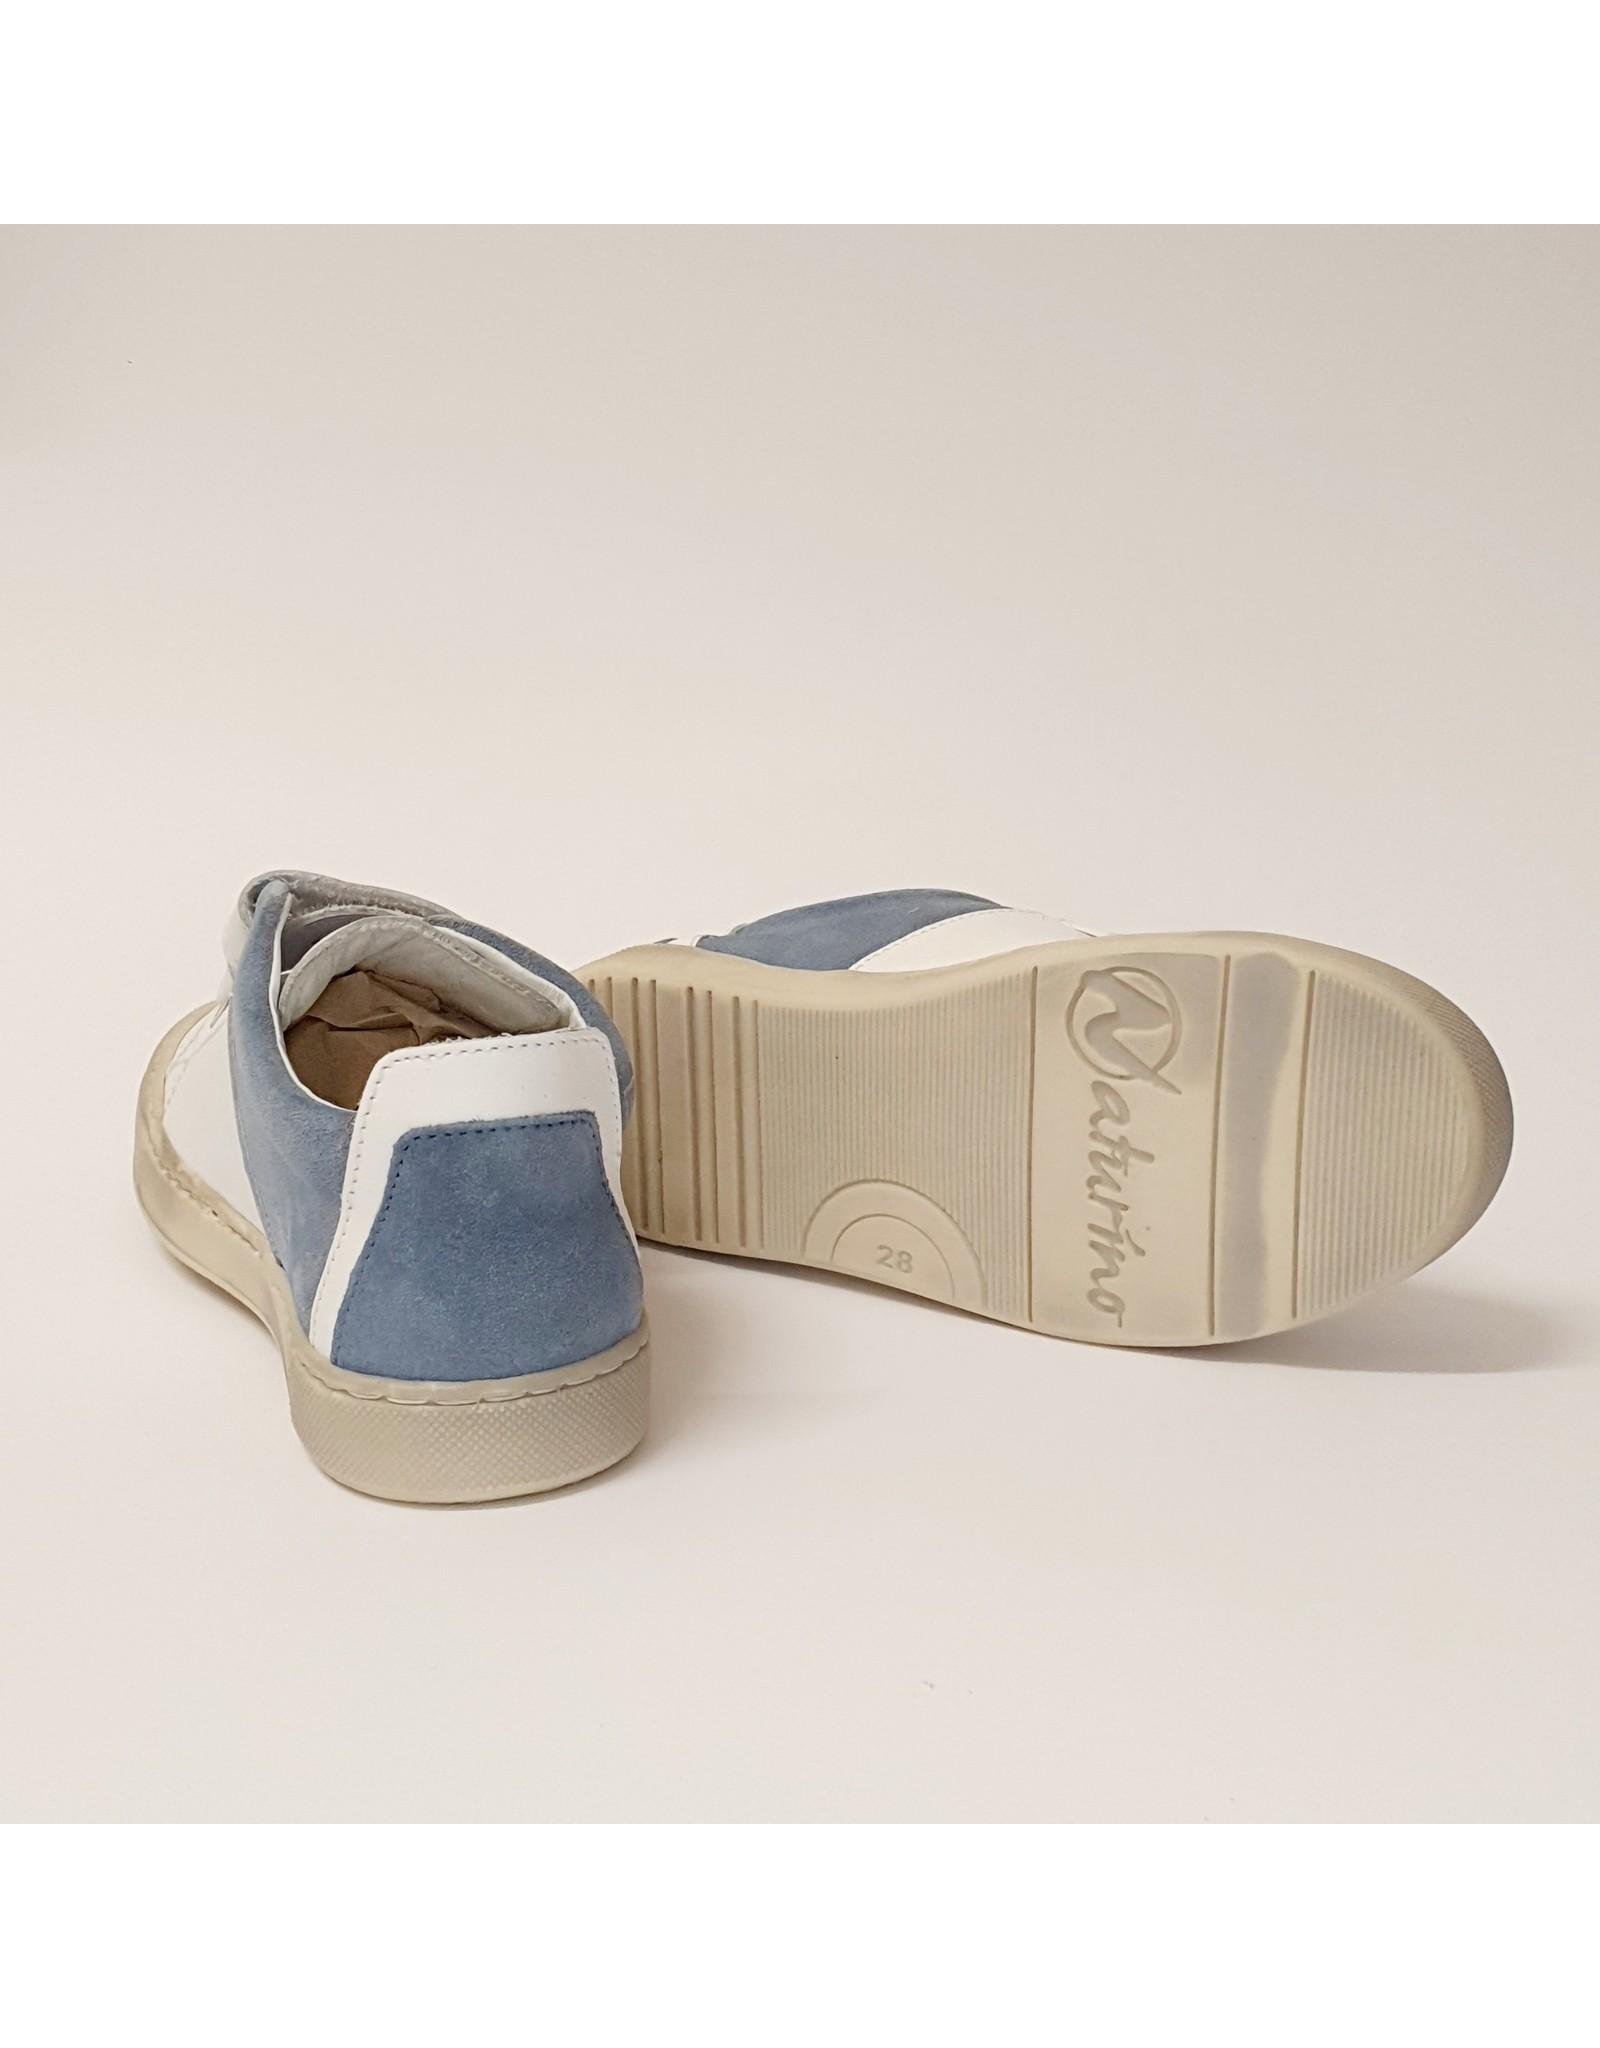 Naturino sneaker velcro white celeste